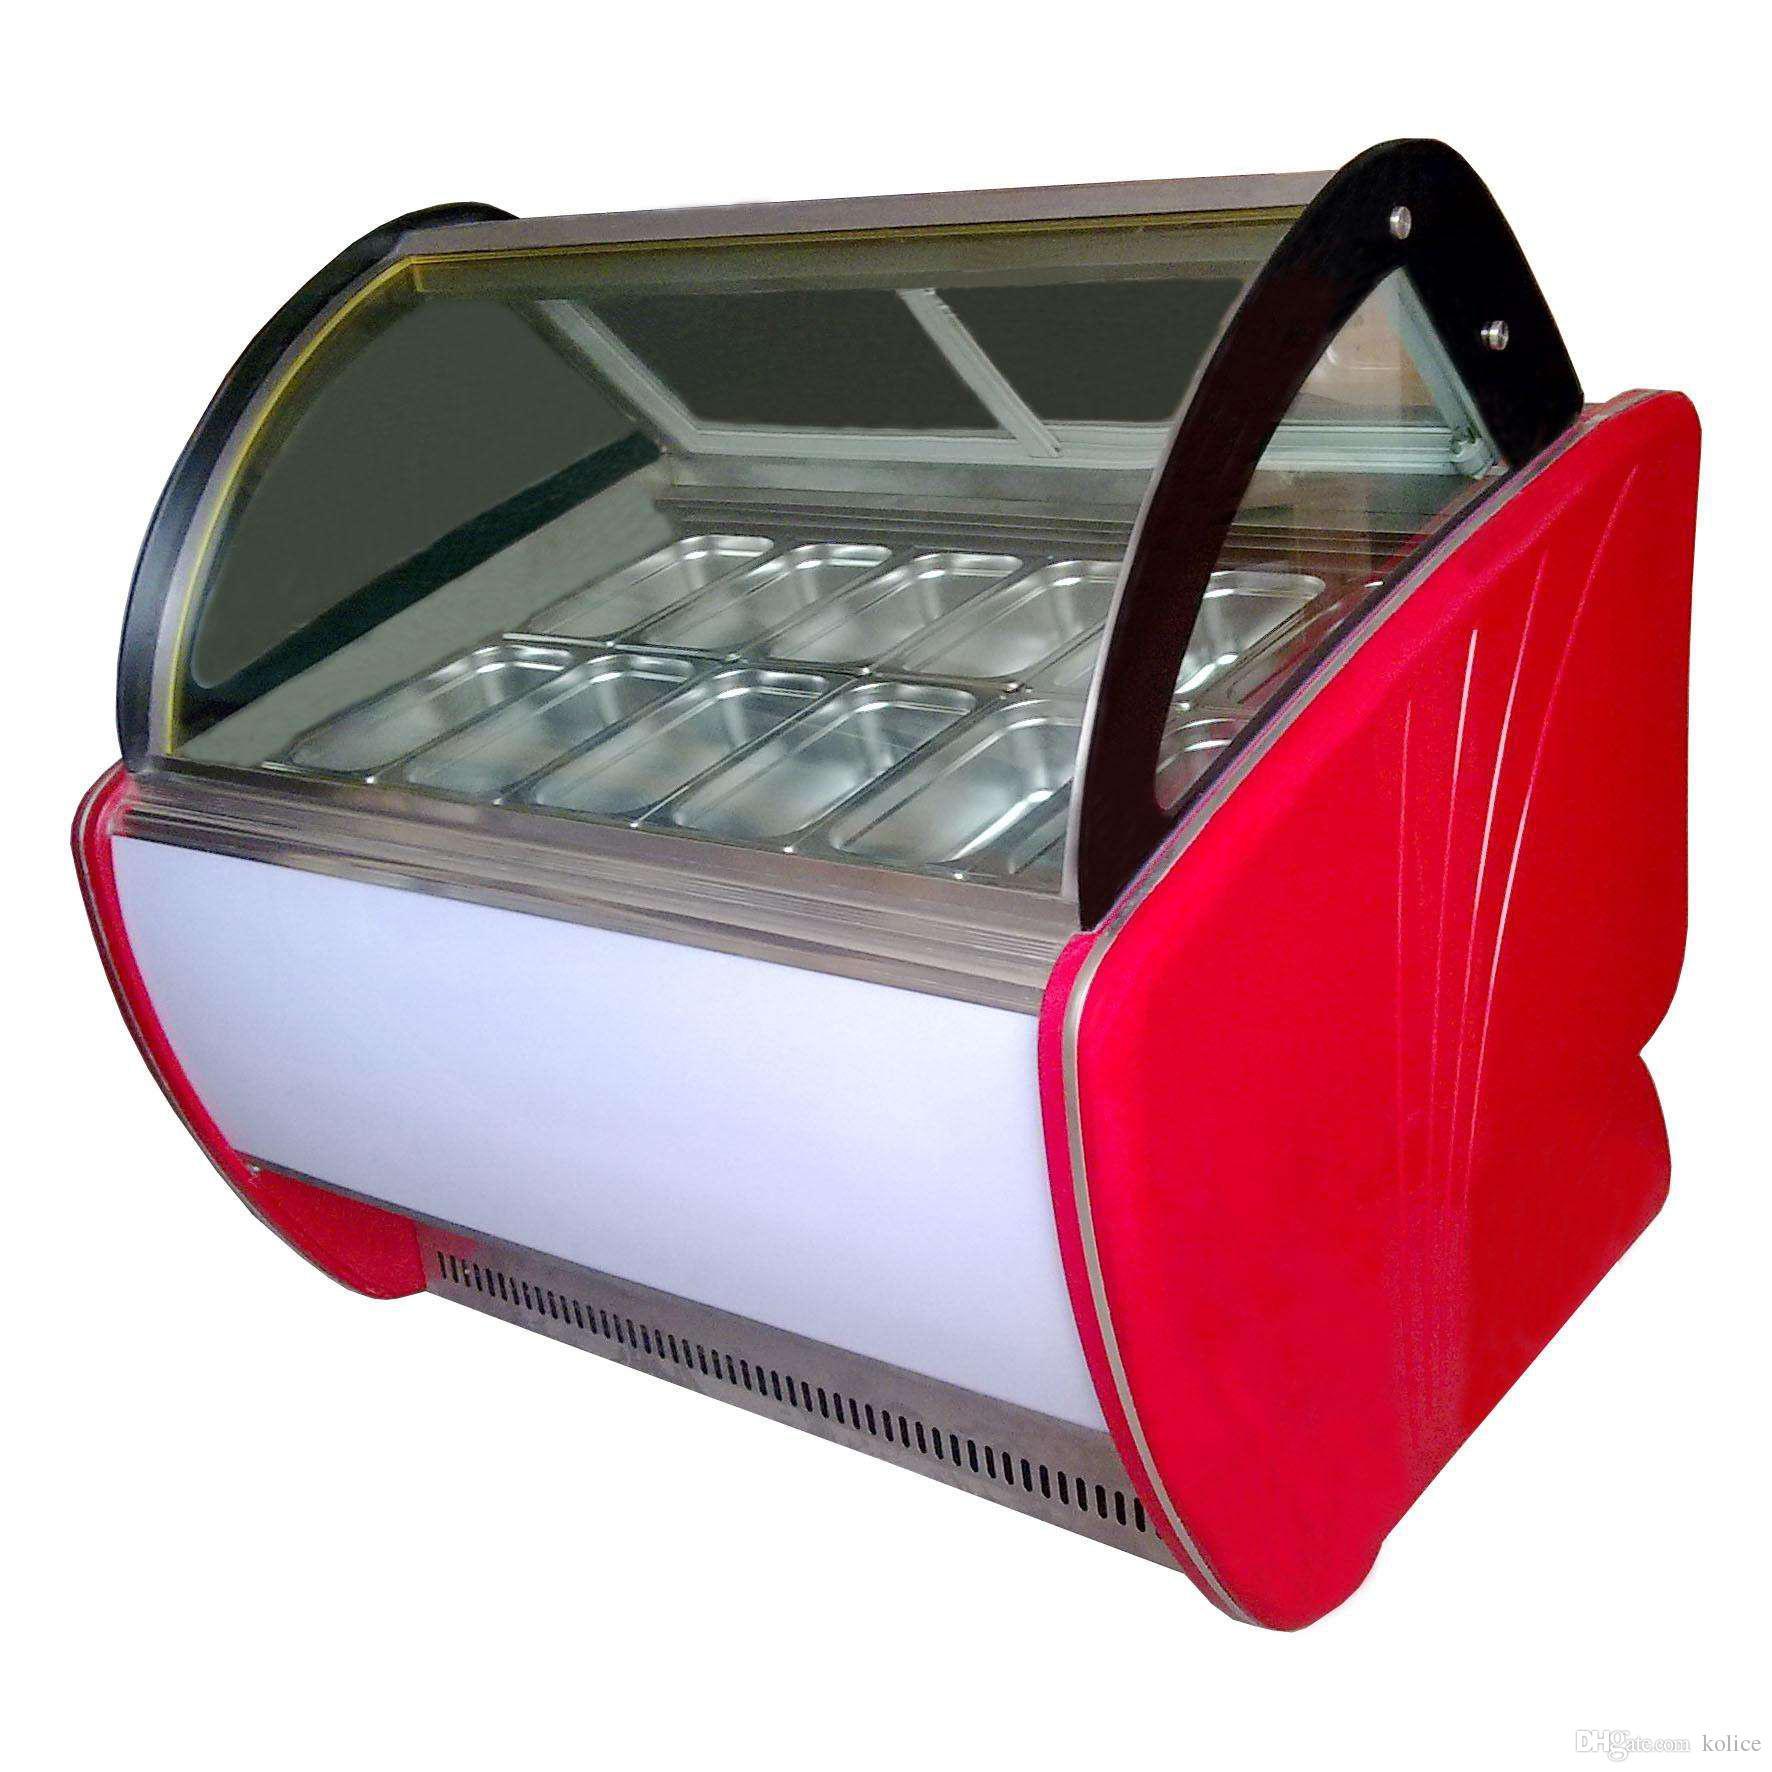 Ücretsiz gönderi soğutma havası konveksiyon tasarımı, buğu önleyici cam 12 dondurma vitrin dondurucu / dondurma teşhir dondurucu / dondurma dondurucu davul